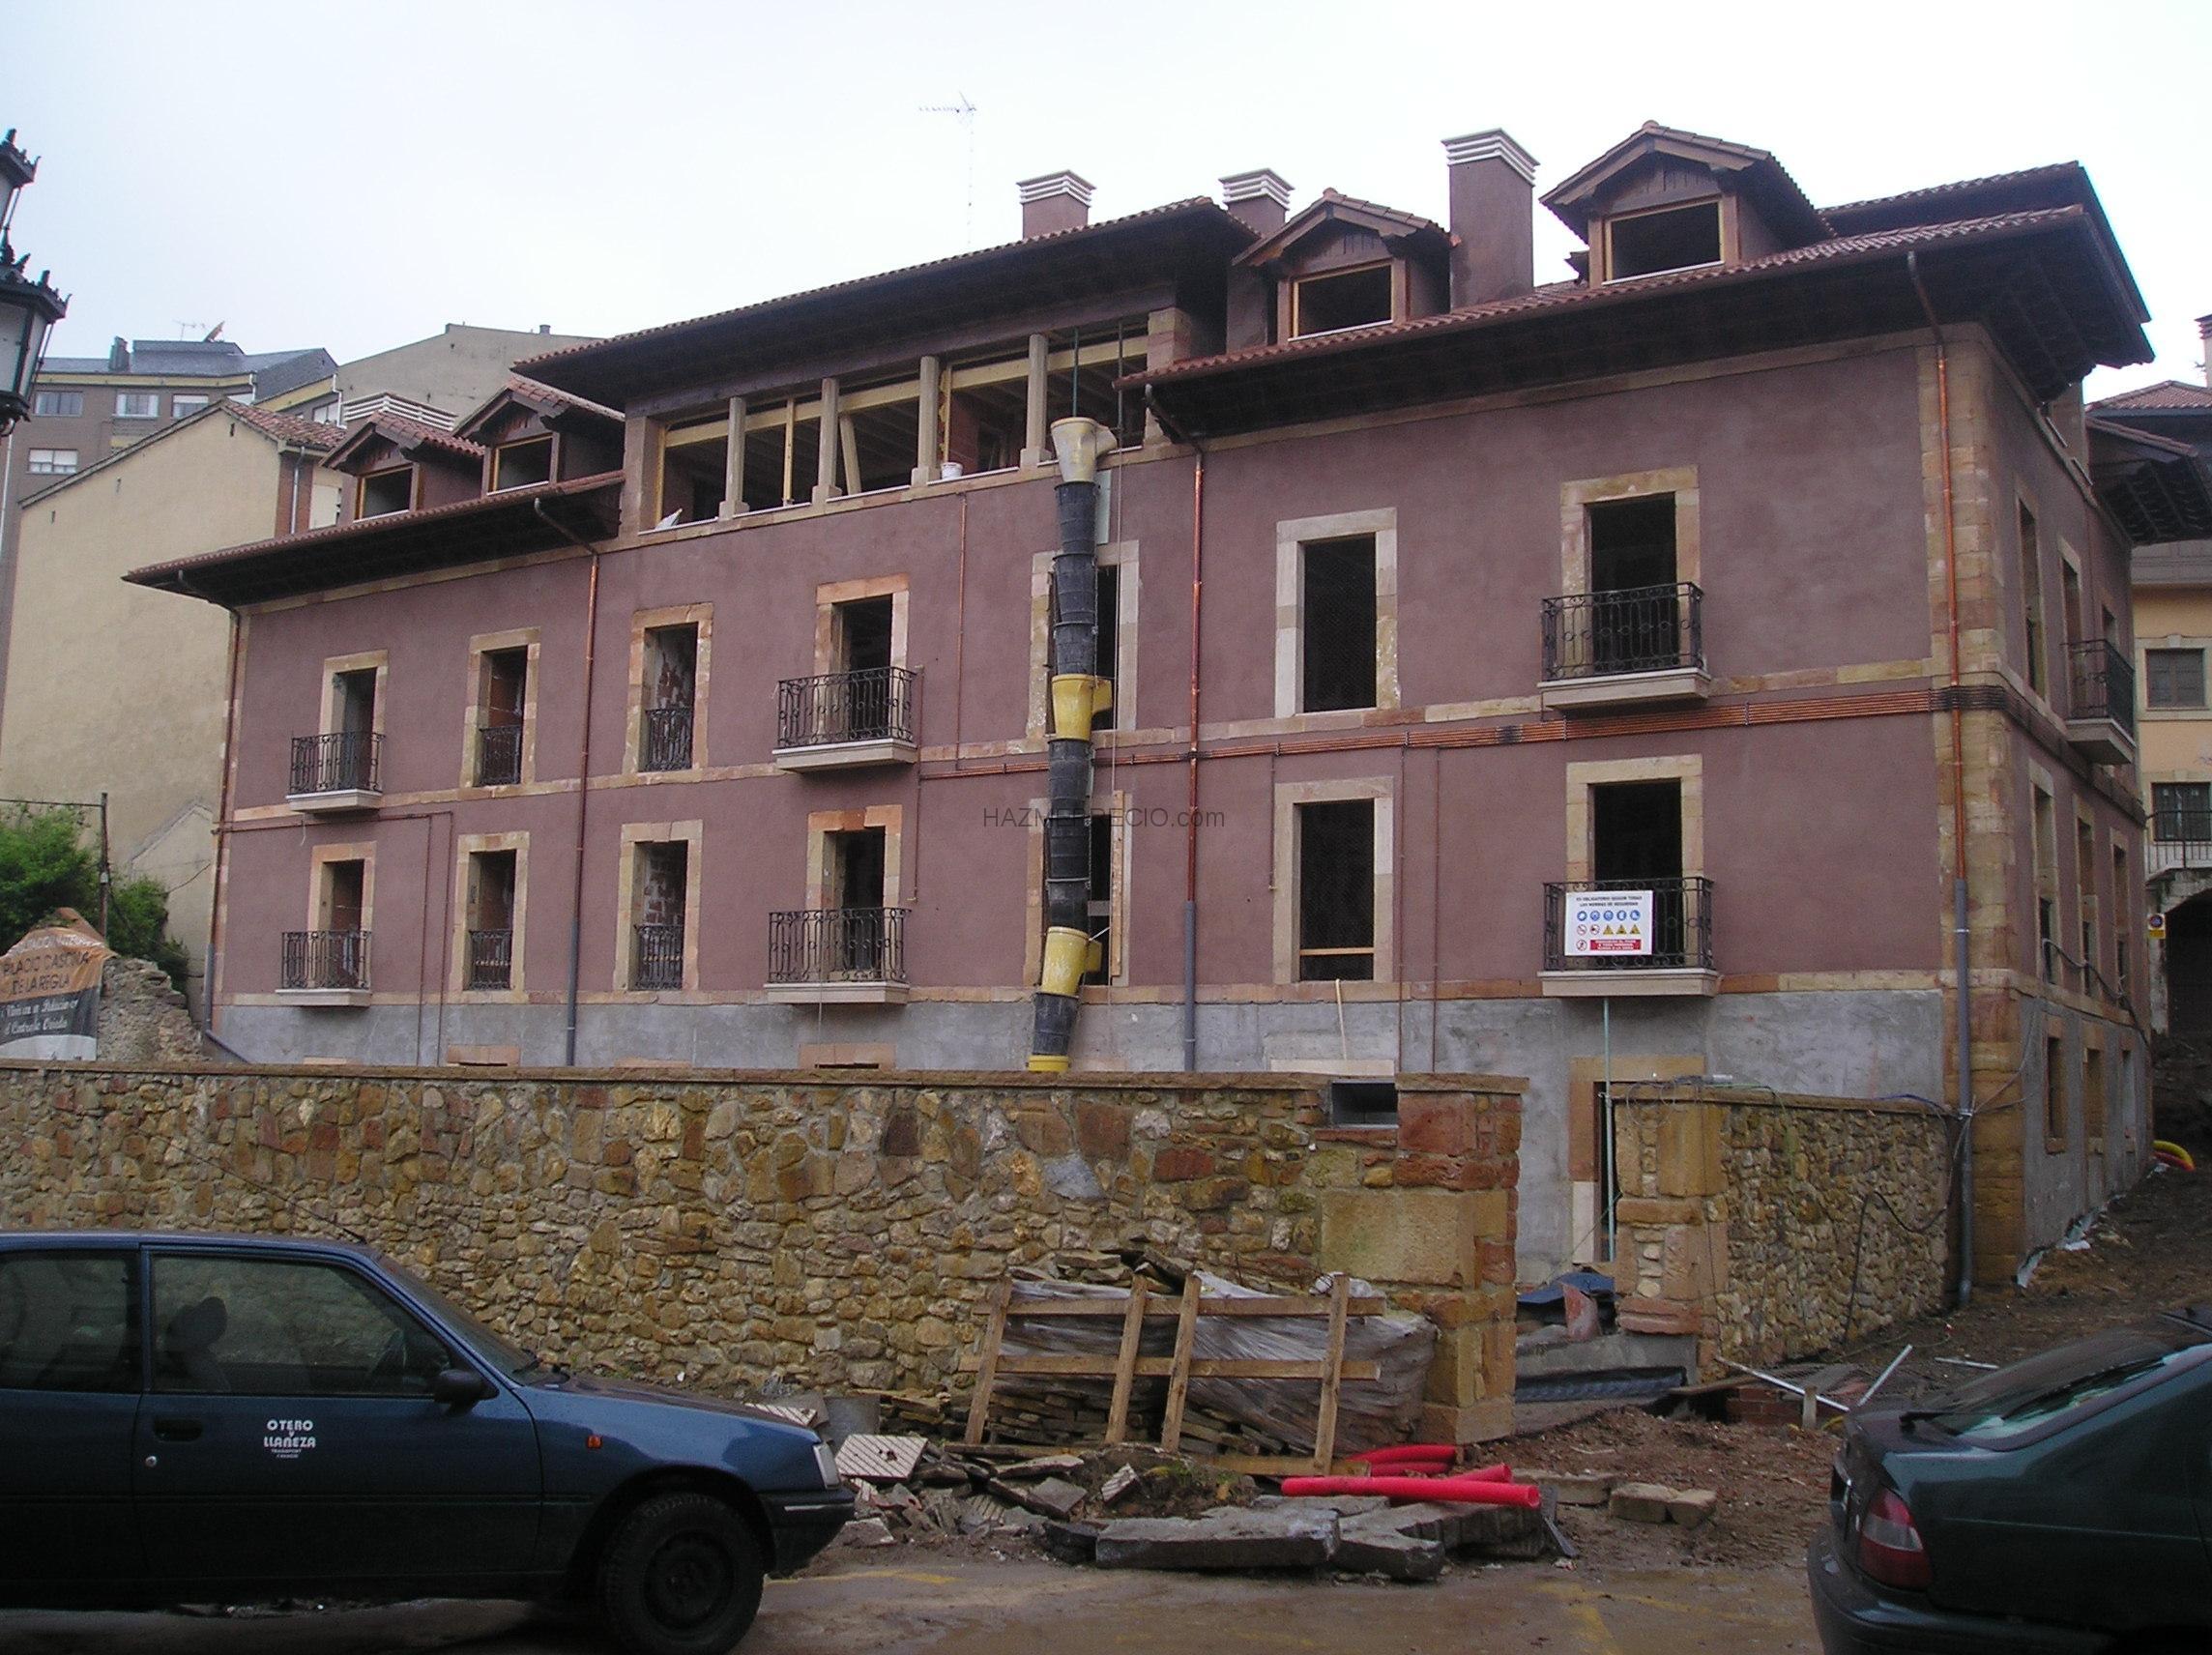 Presupuesto para construccion casa 60m2 fosa septica - Cmi casas modulares ...